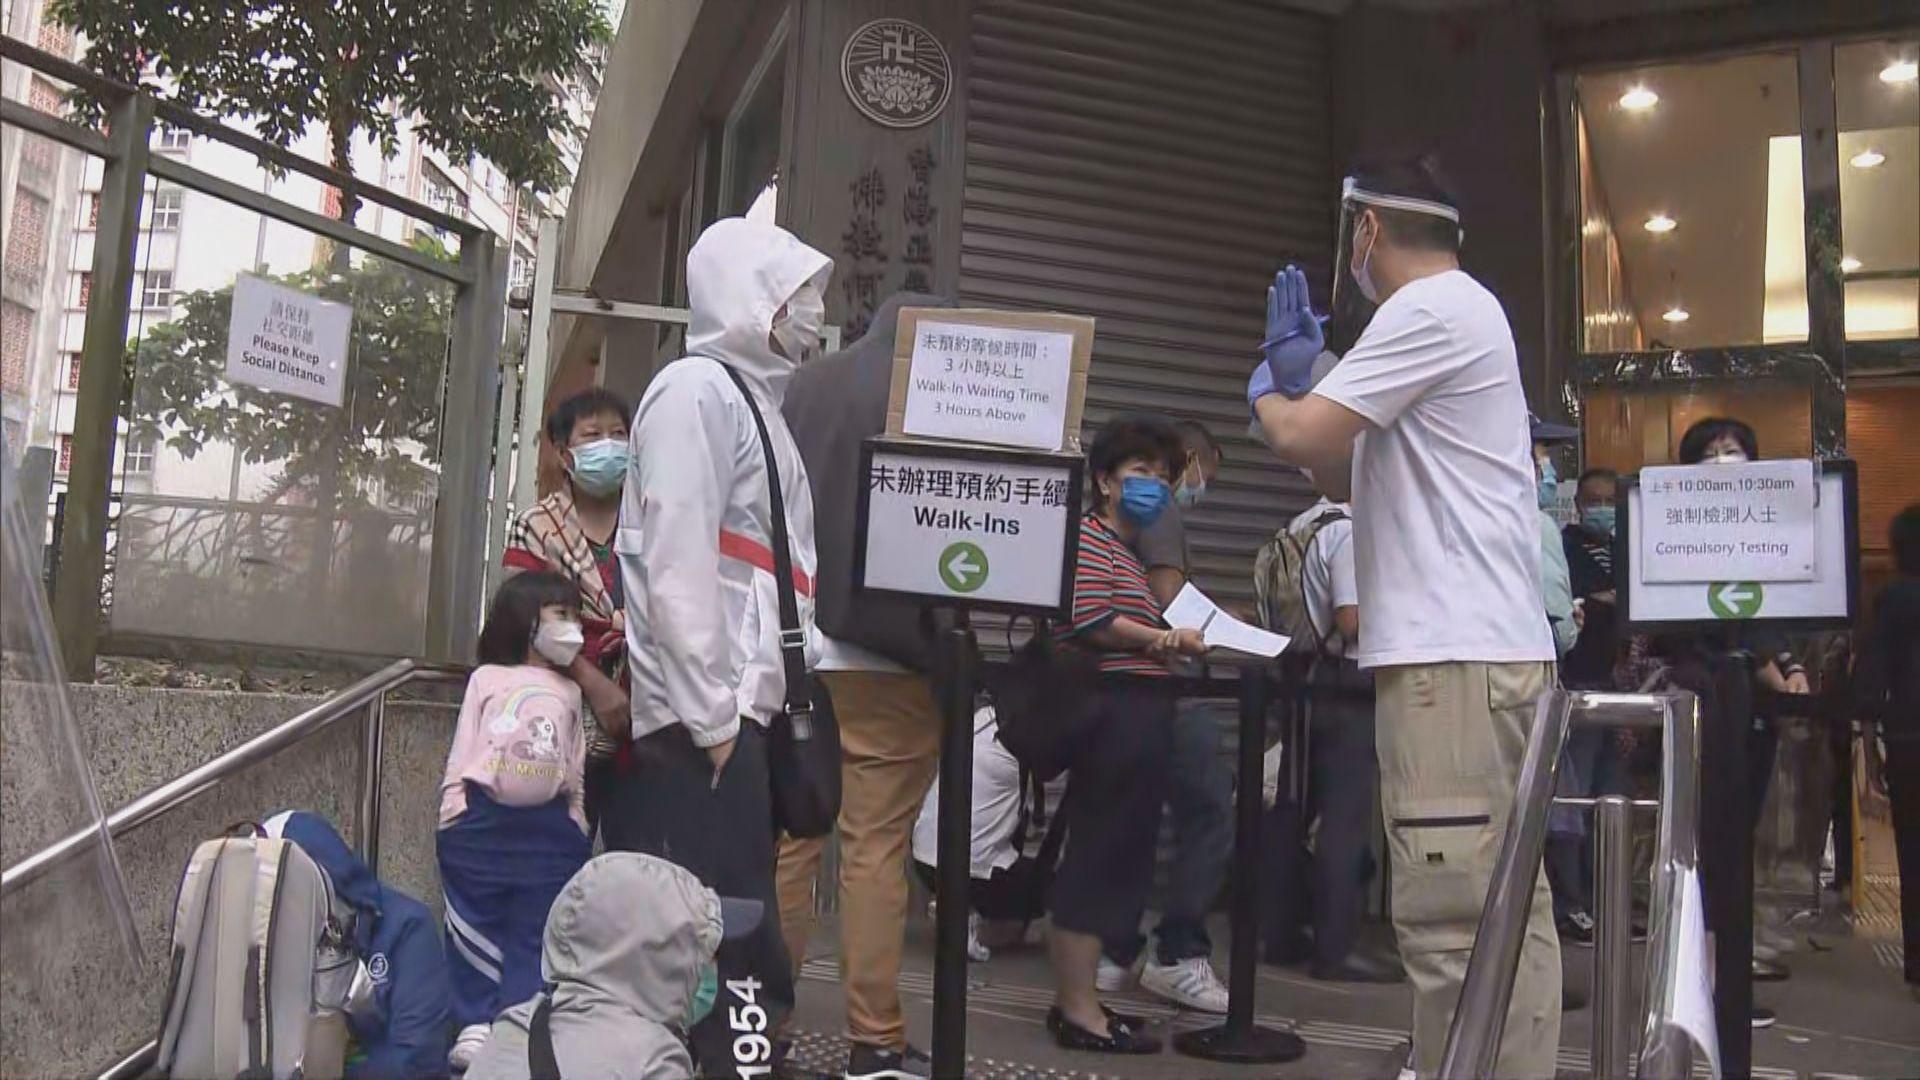 社區檢測中心大排長龍 市民建議增加檢測中心